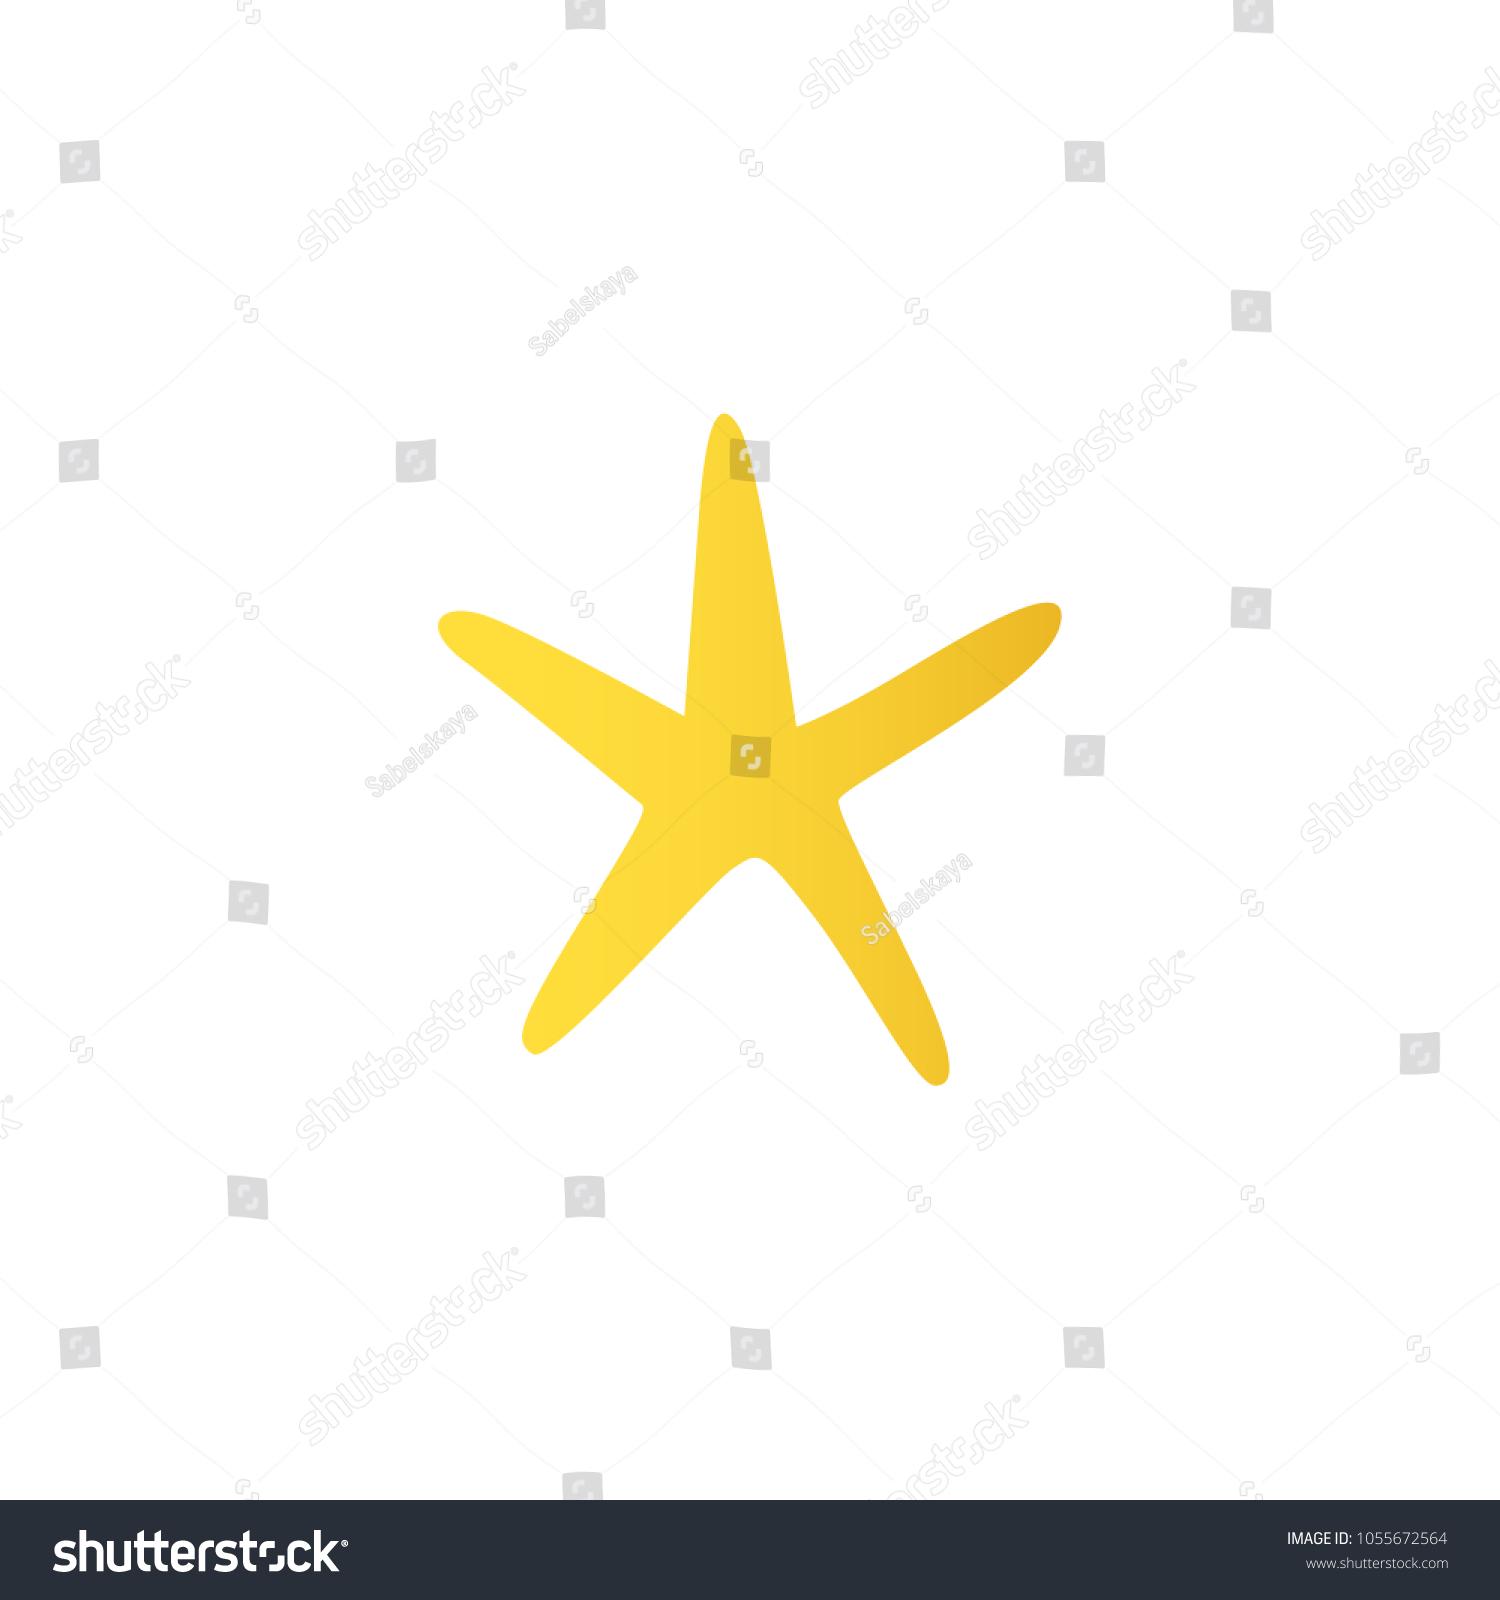 Yellow Starfish Marine Underwater Seaside Animal Stock Vector HD ...